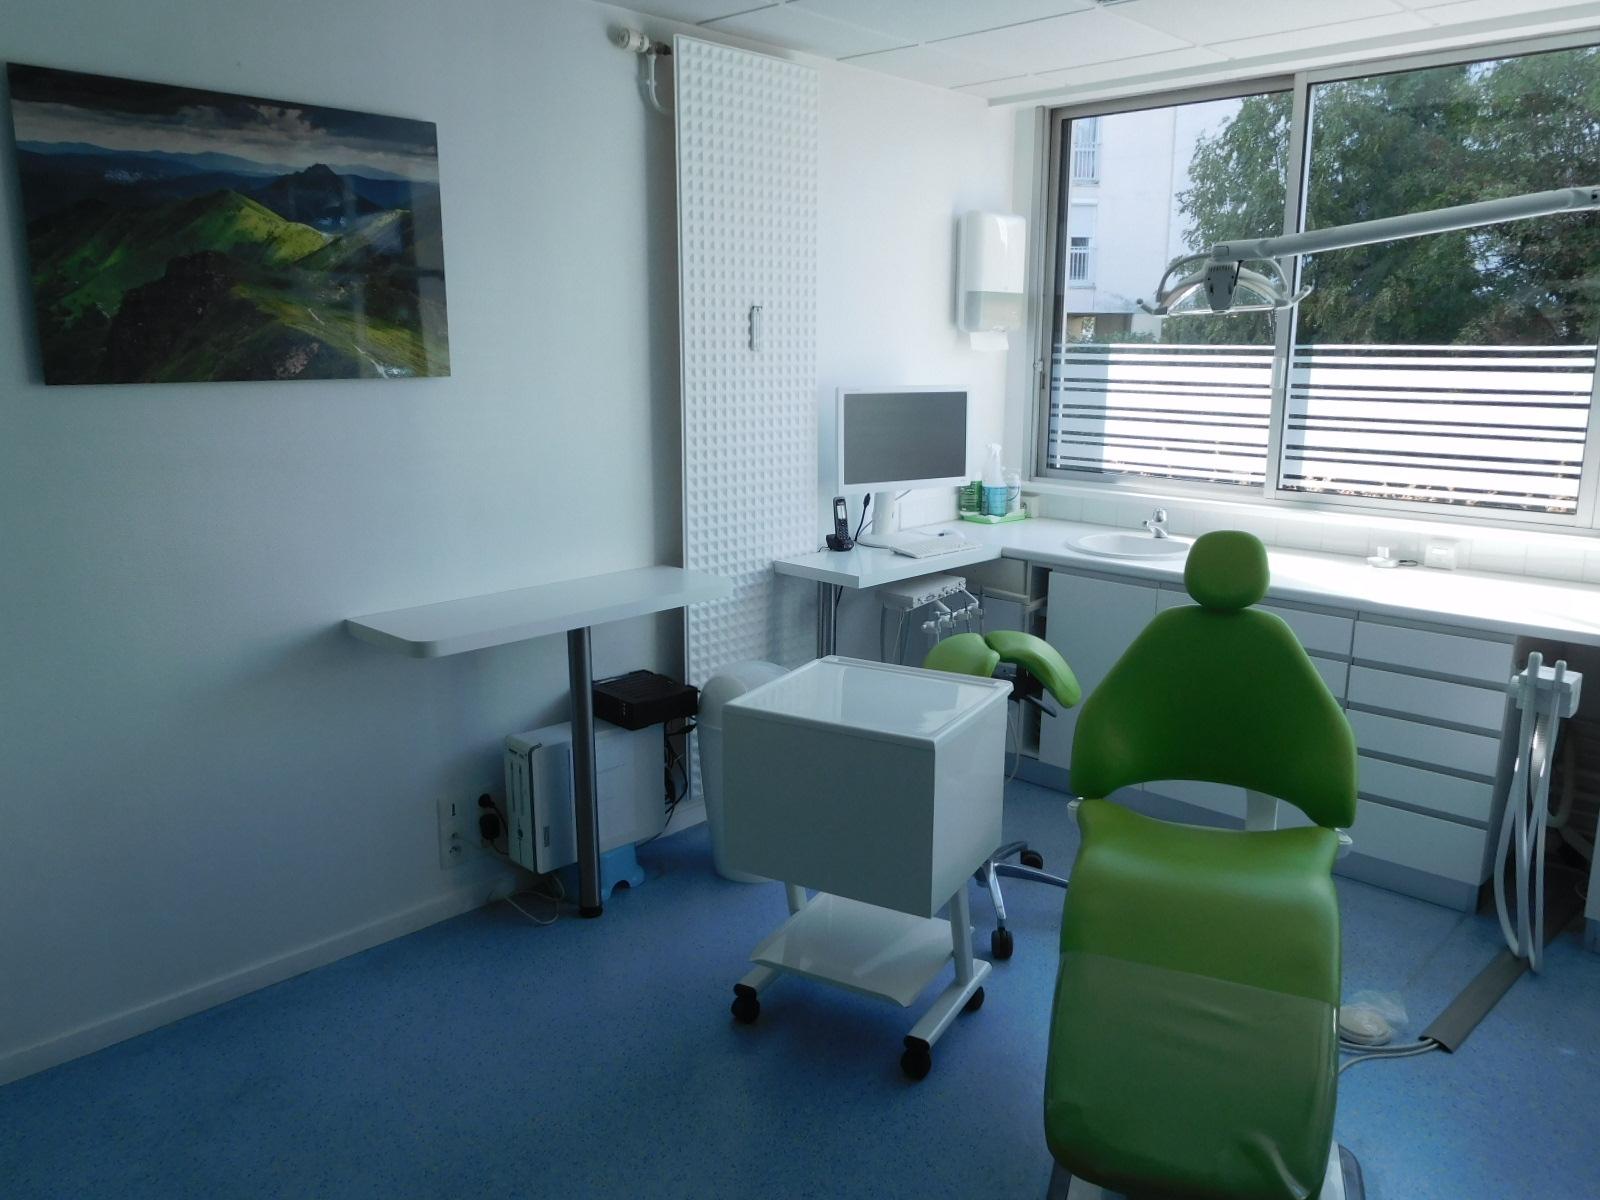 Orthodontiste à olivet, Dr Olivier Leveugle